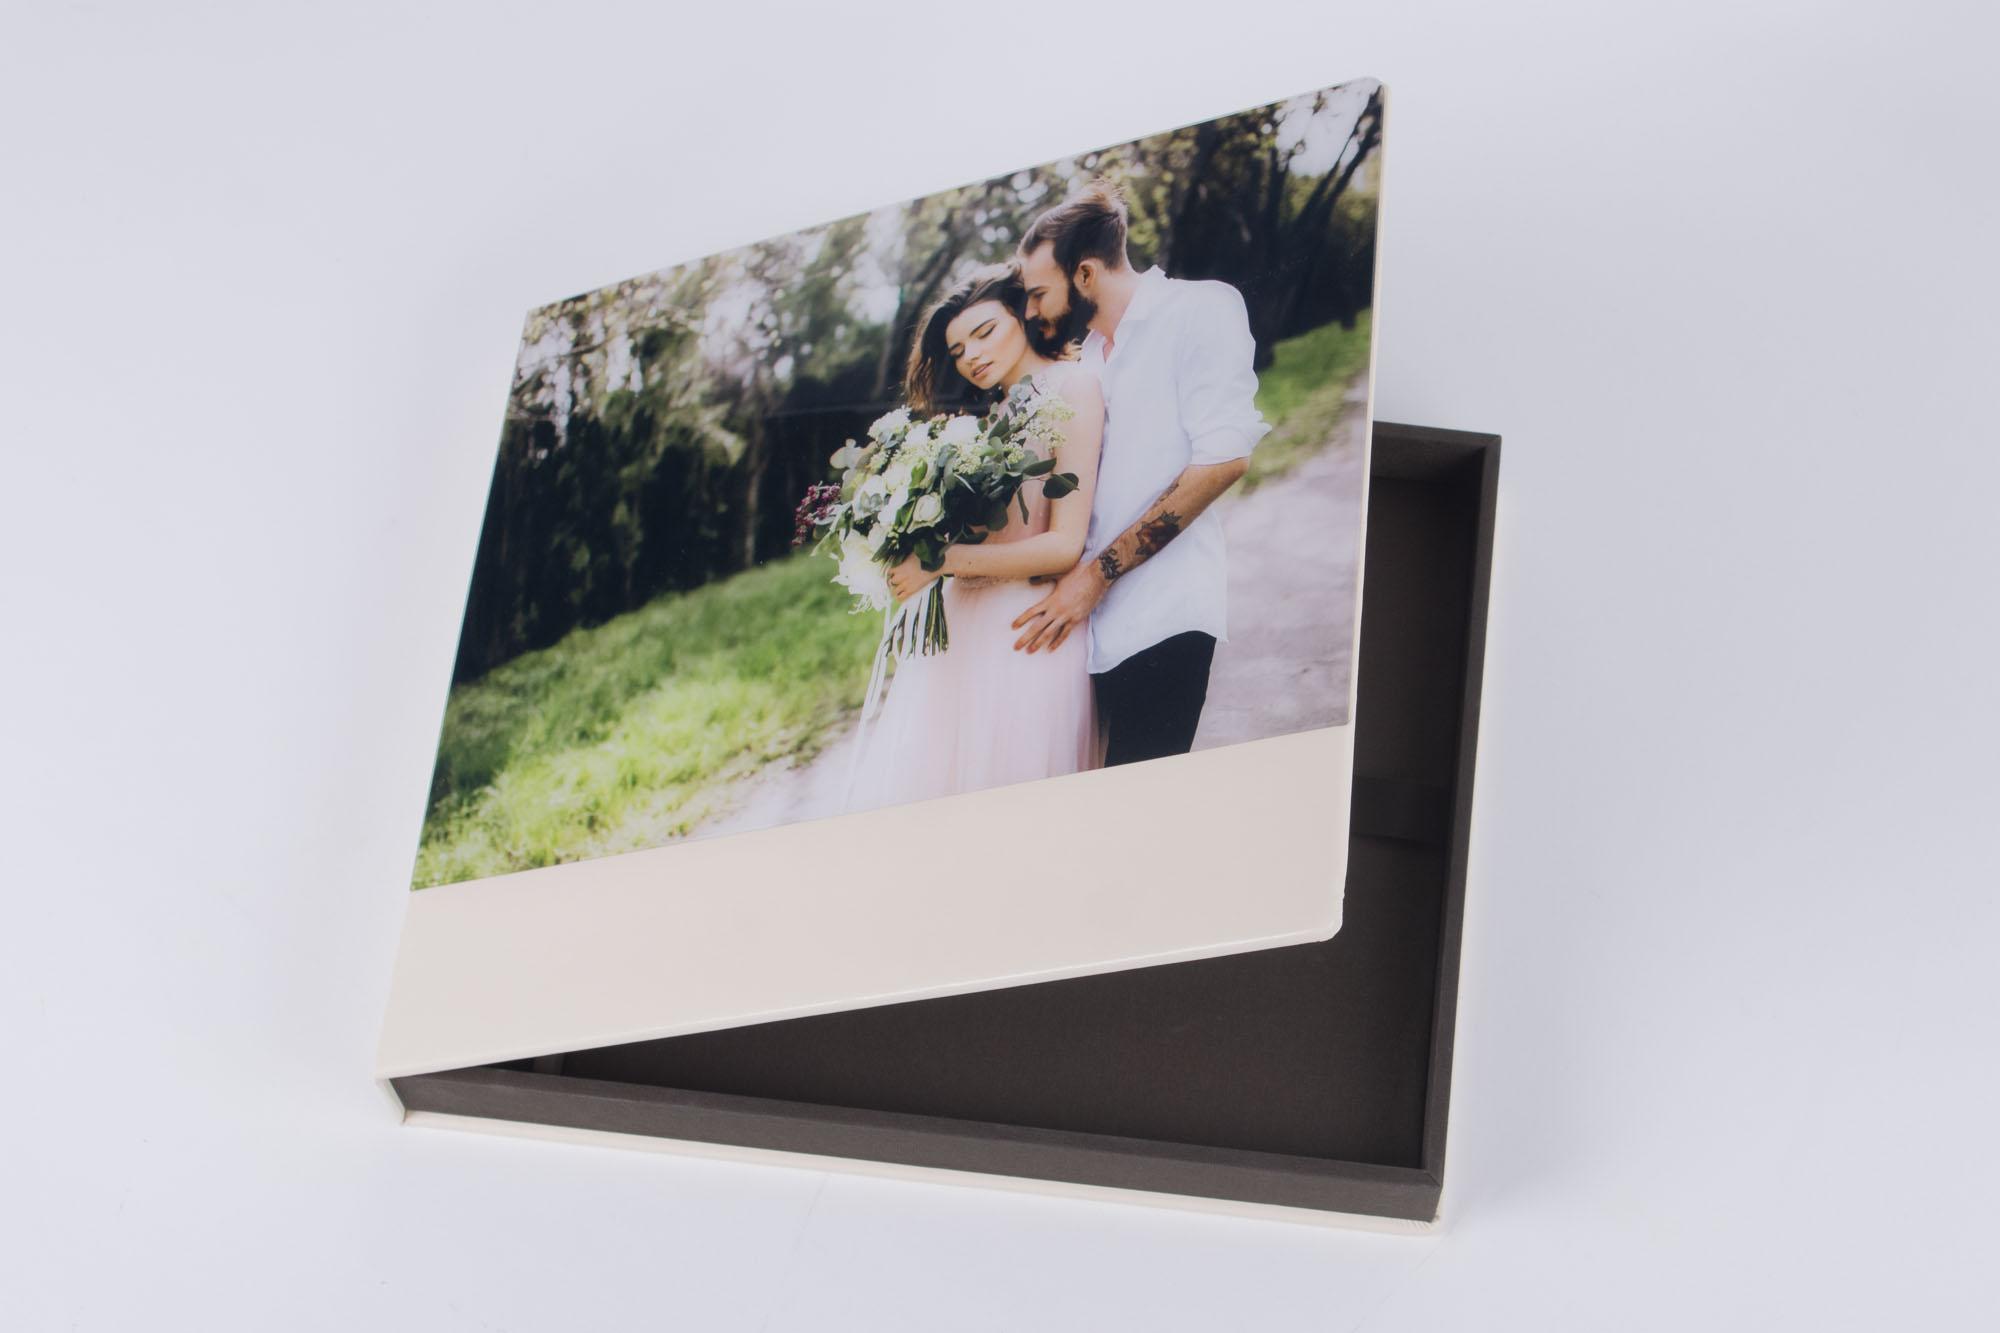 Acrylglascover für euer Fotoalbum